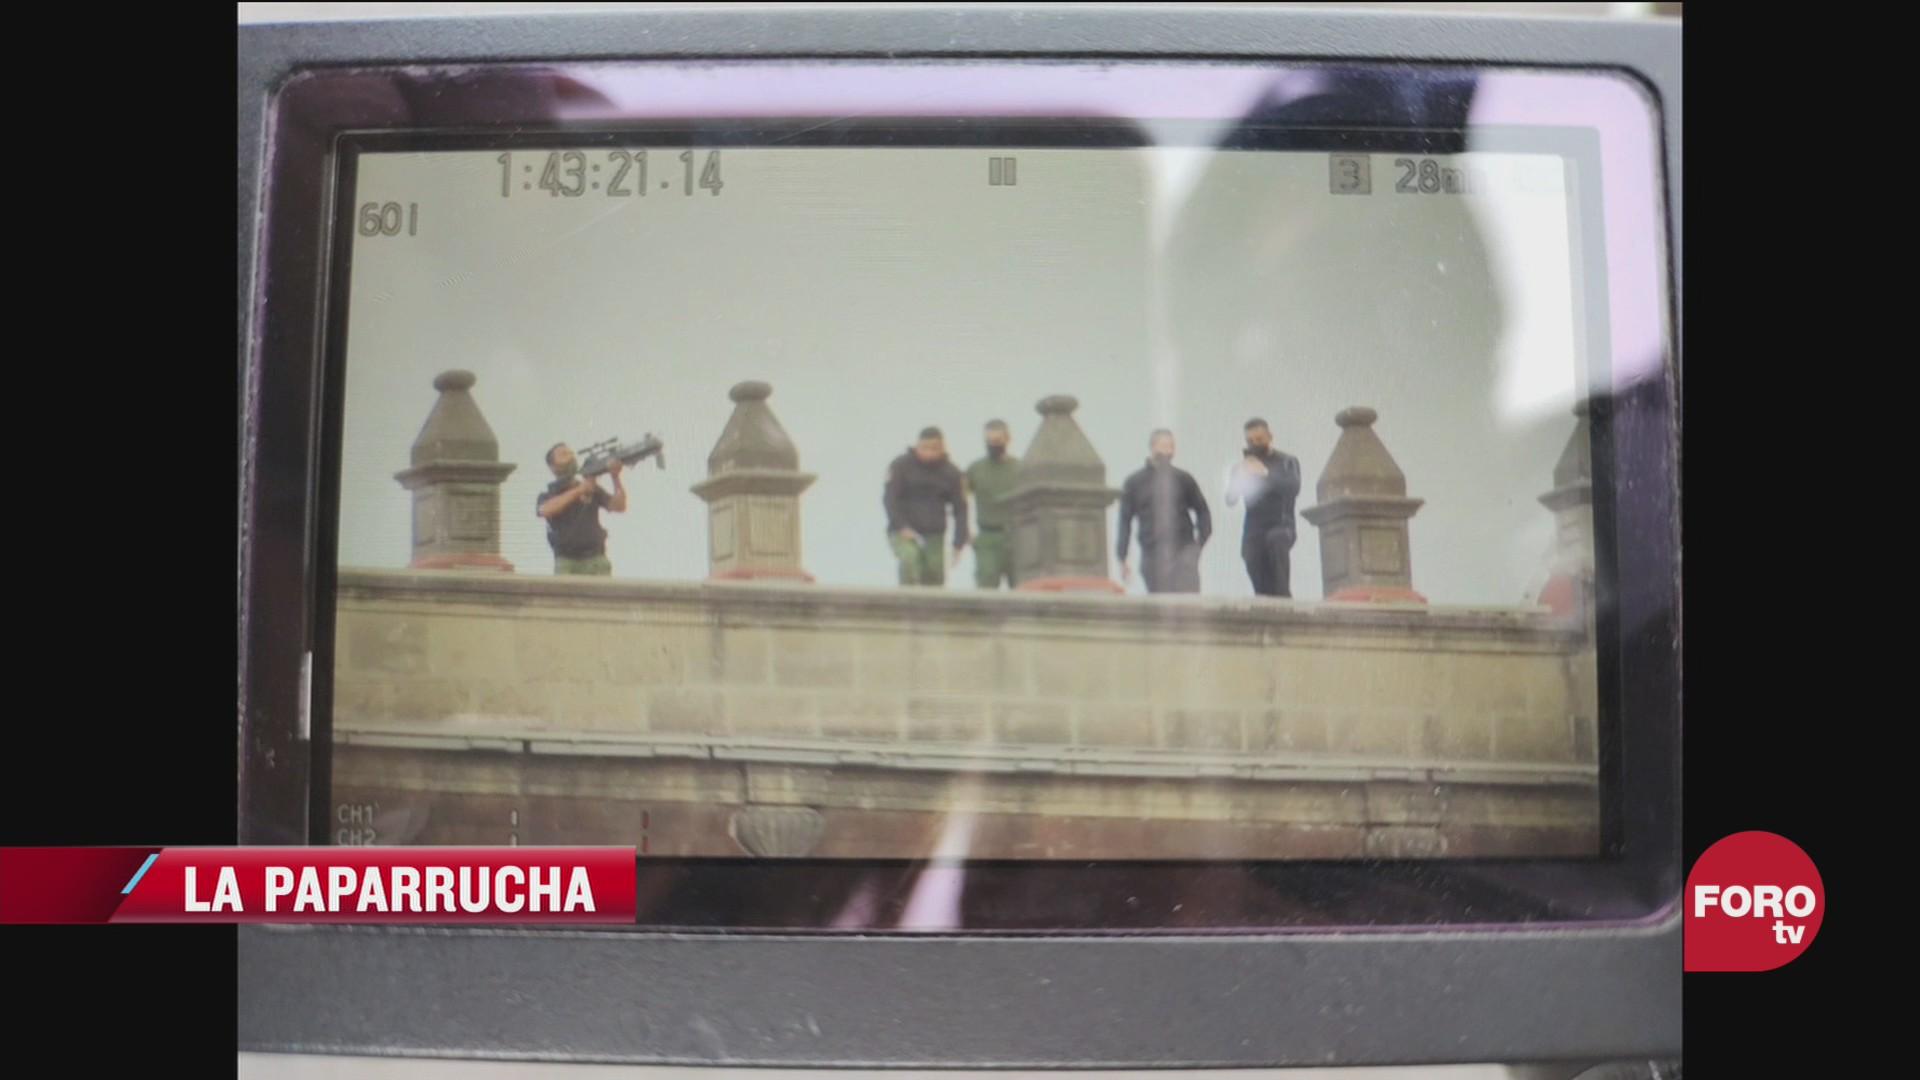 falso gas lacrimogeno y francotiradores en marcha del 8m en cdmx la paparrucha del dia